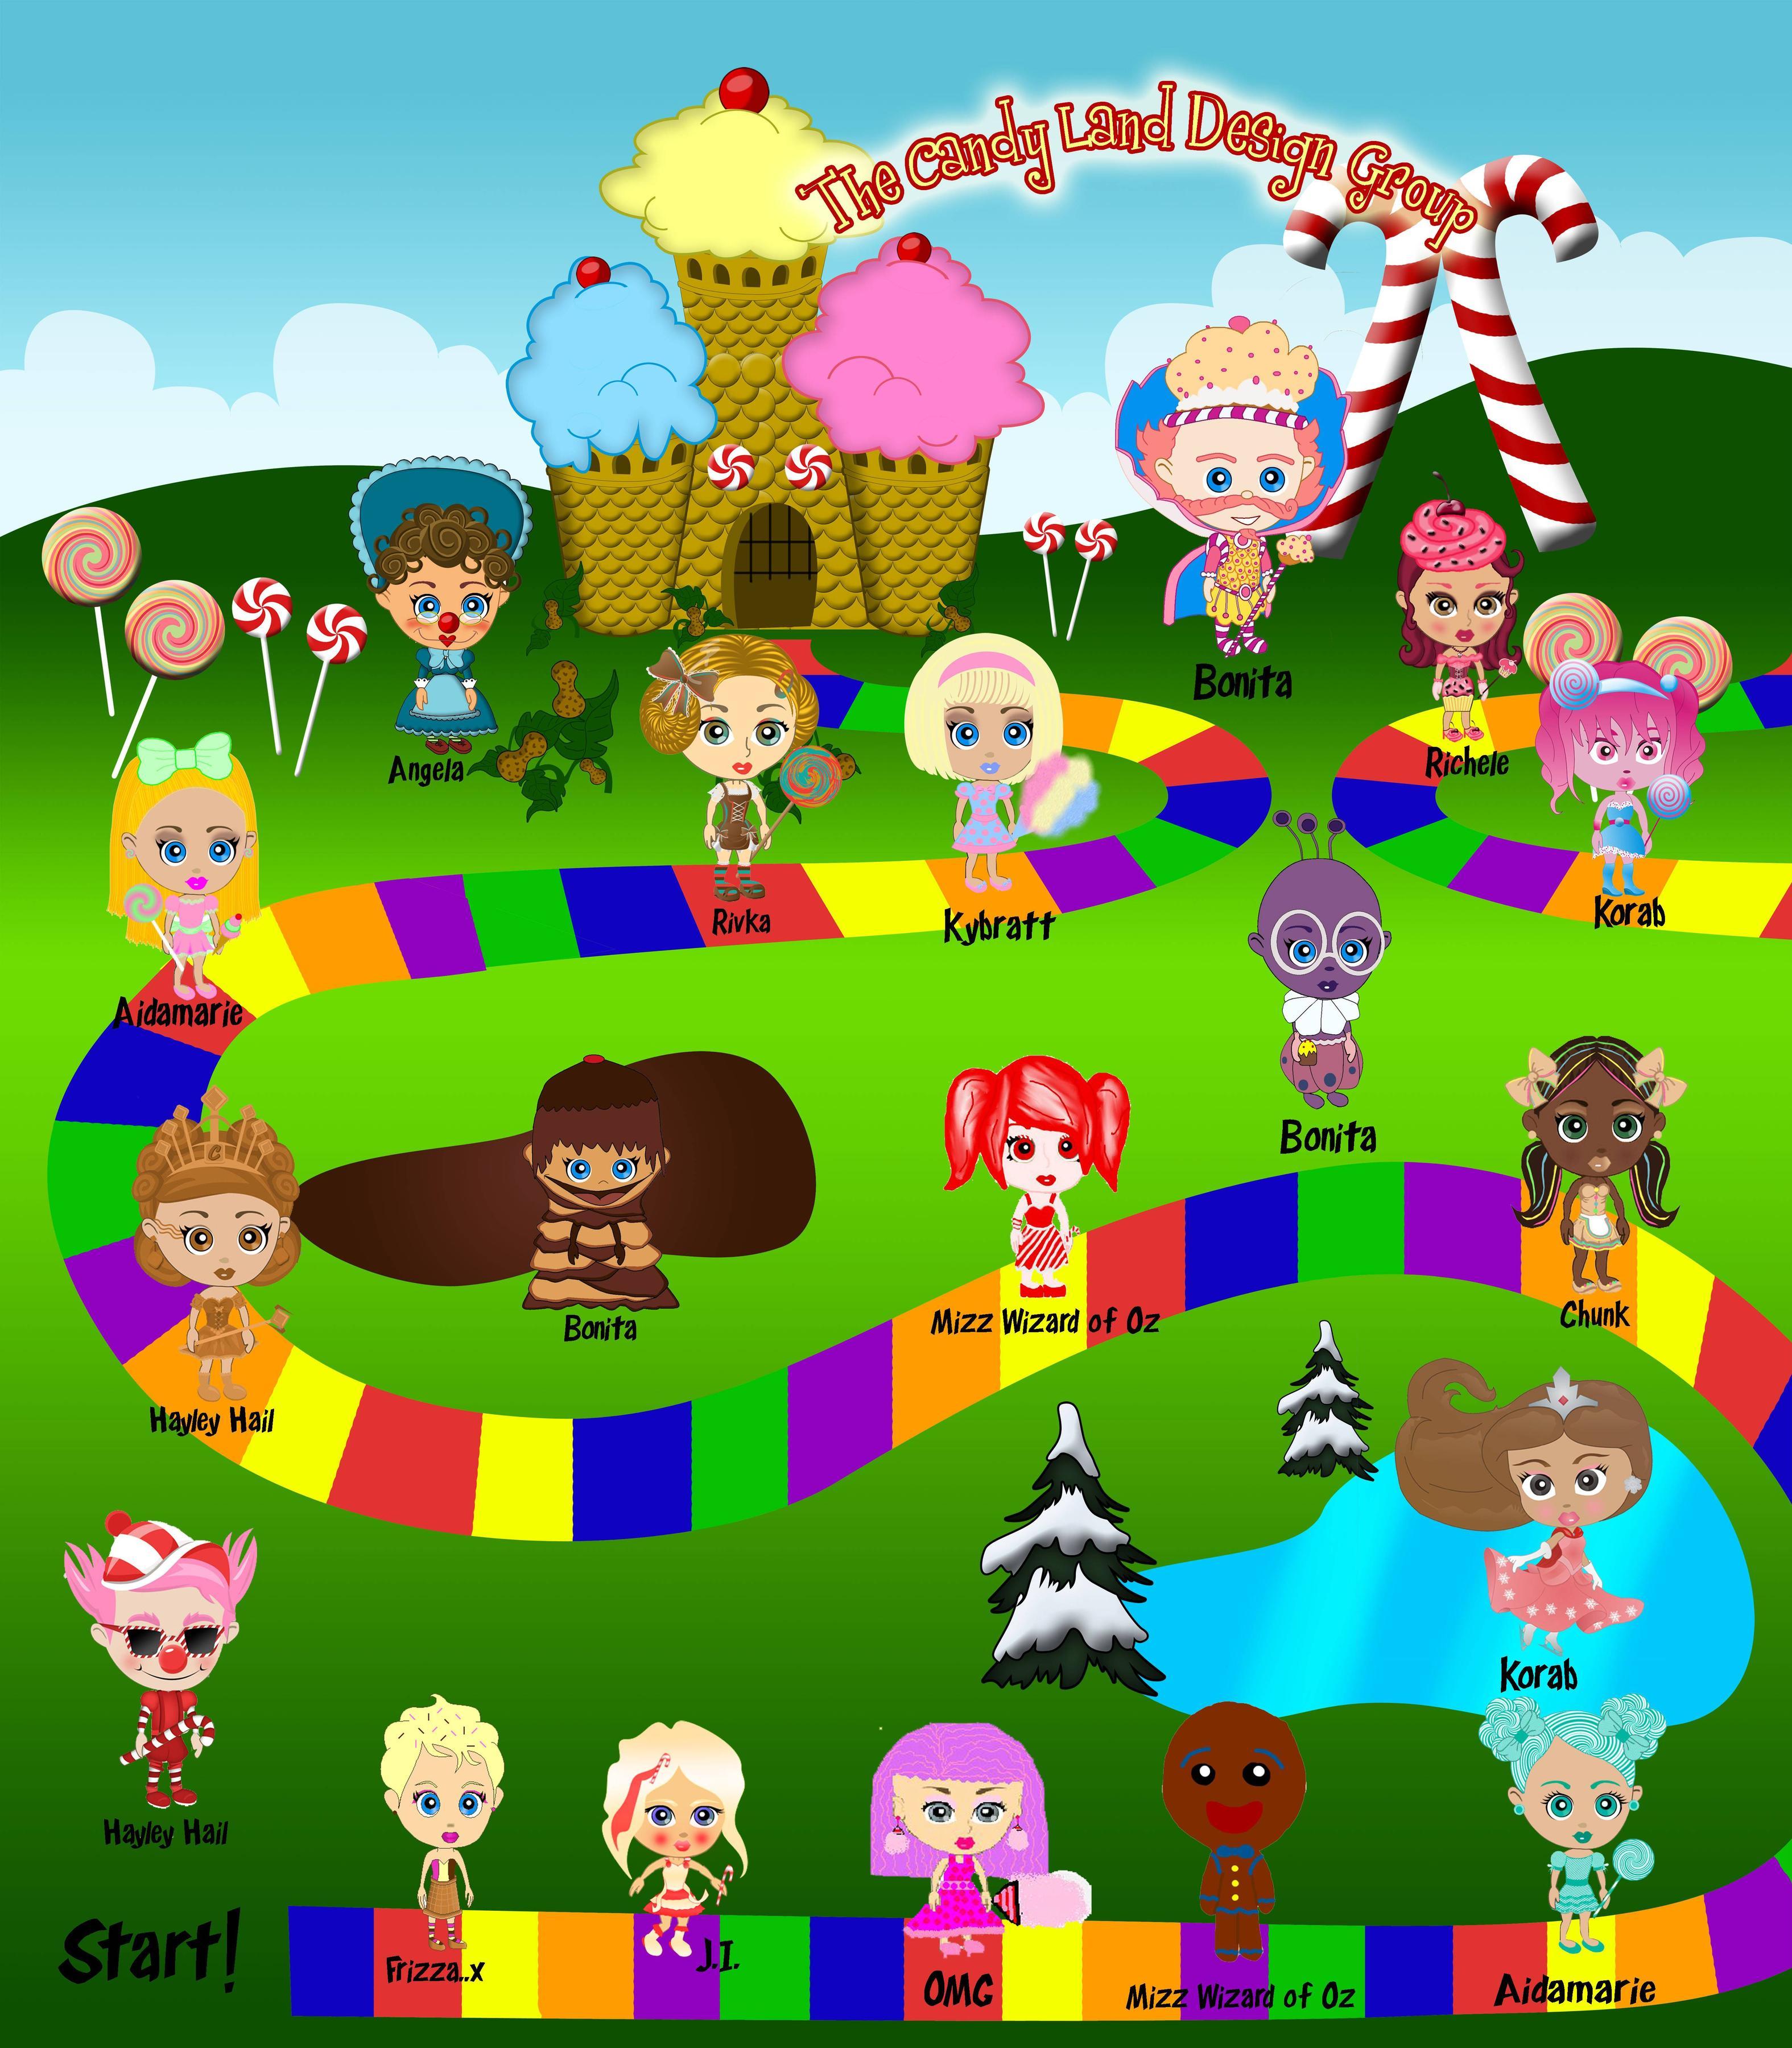 Candyland Wallpaper On Pinterest